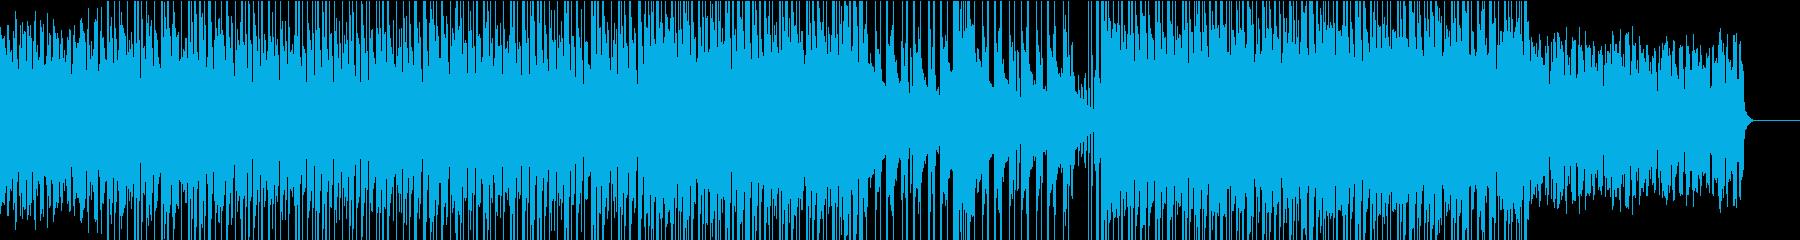 ハウス✖︎グレゴリオ聖歌風なBGMの再生済みの波形